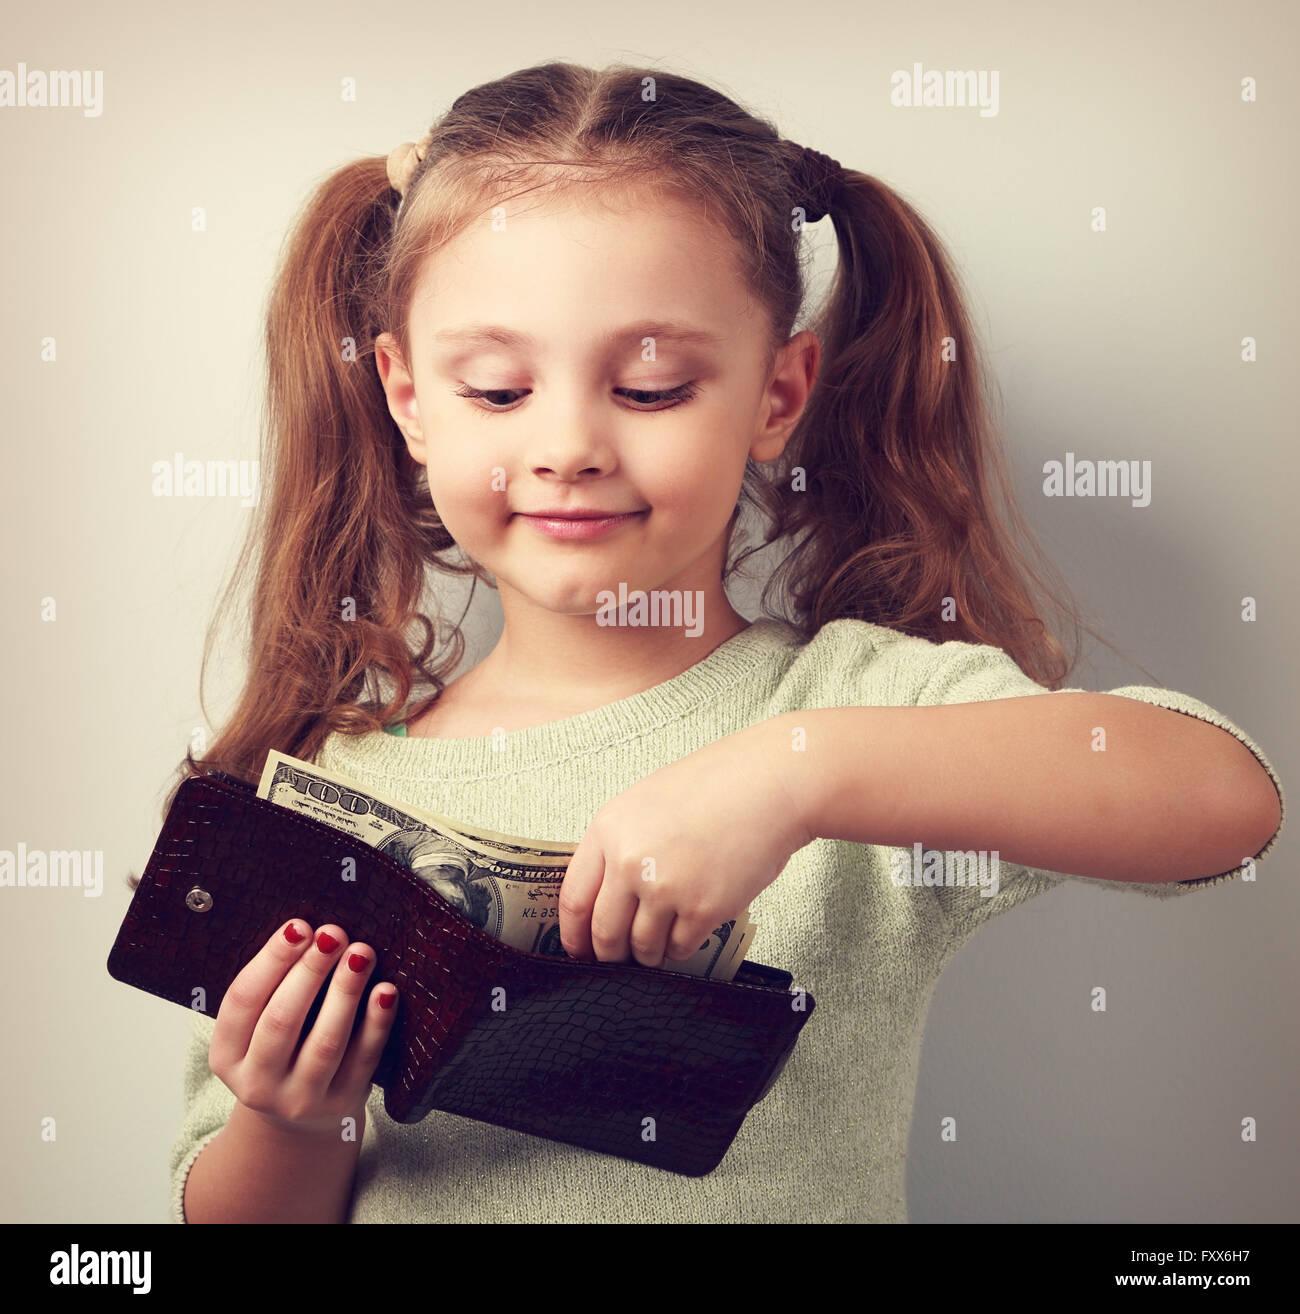 Süßes kleines Kind Mädchen unter Dollar von Mutter Brieftasche und suchen glücklich. Getönten Stockbild